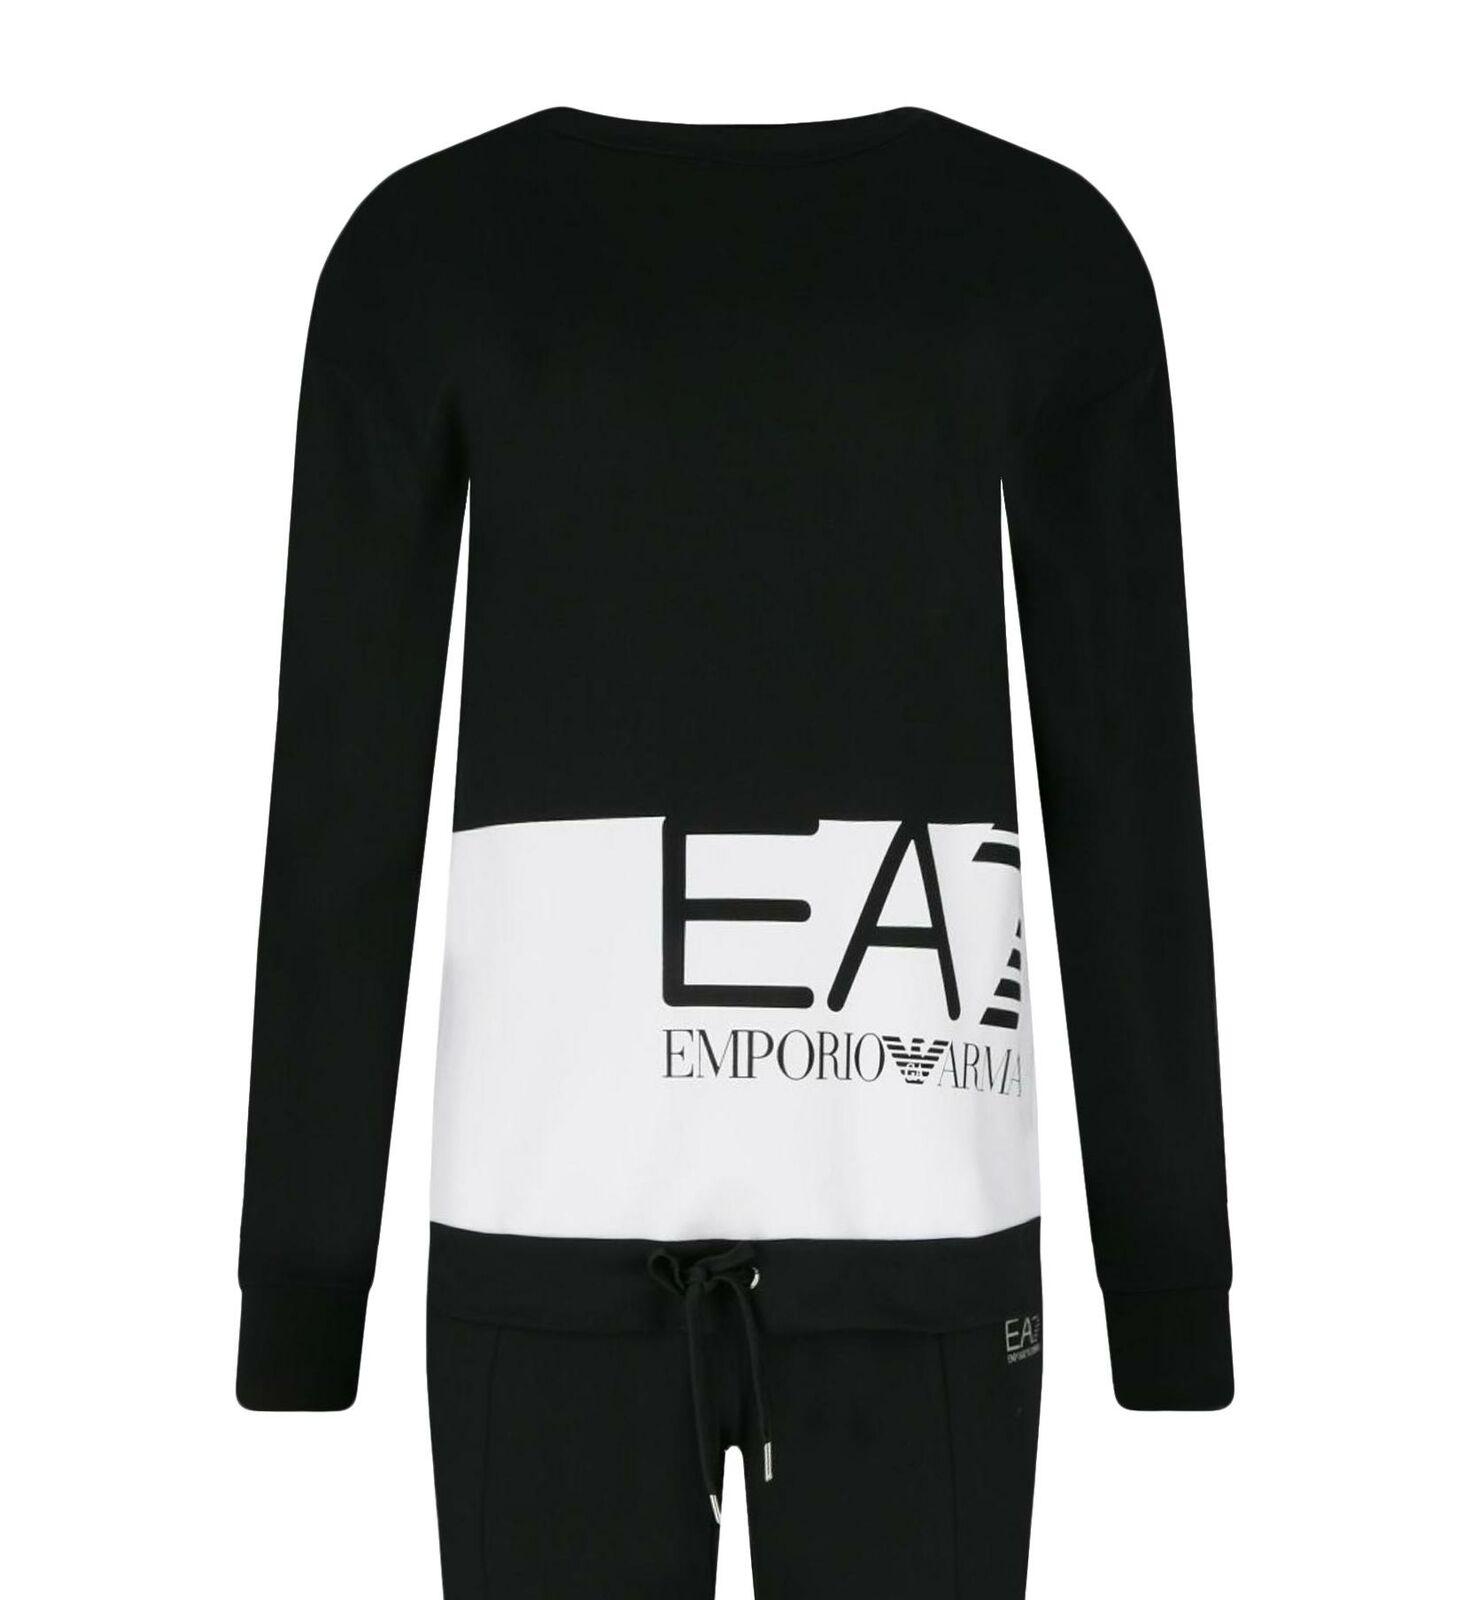 Tracksuit EA7 Emporio Armani 7 EA Woman schwarz Sweatshirt Sweatshirt Sweatshirt Pants Logo ef9